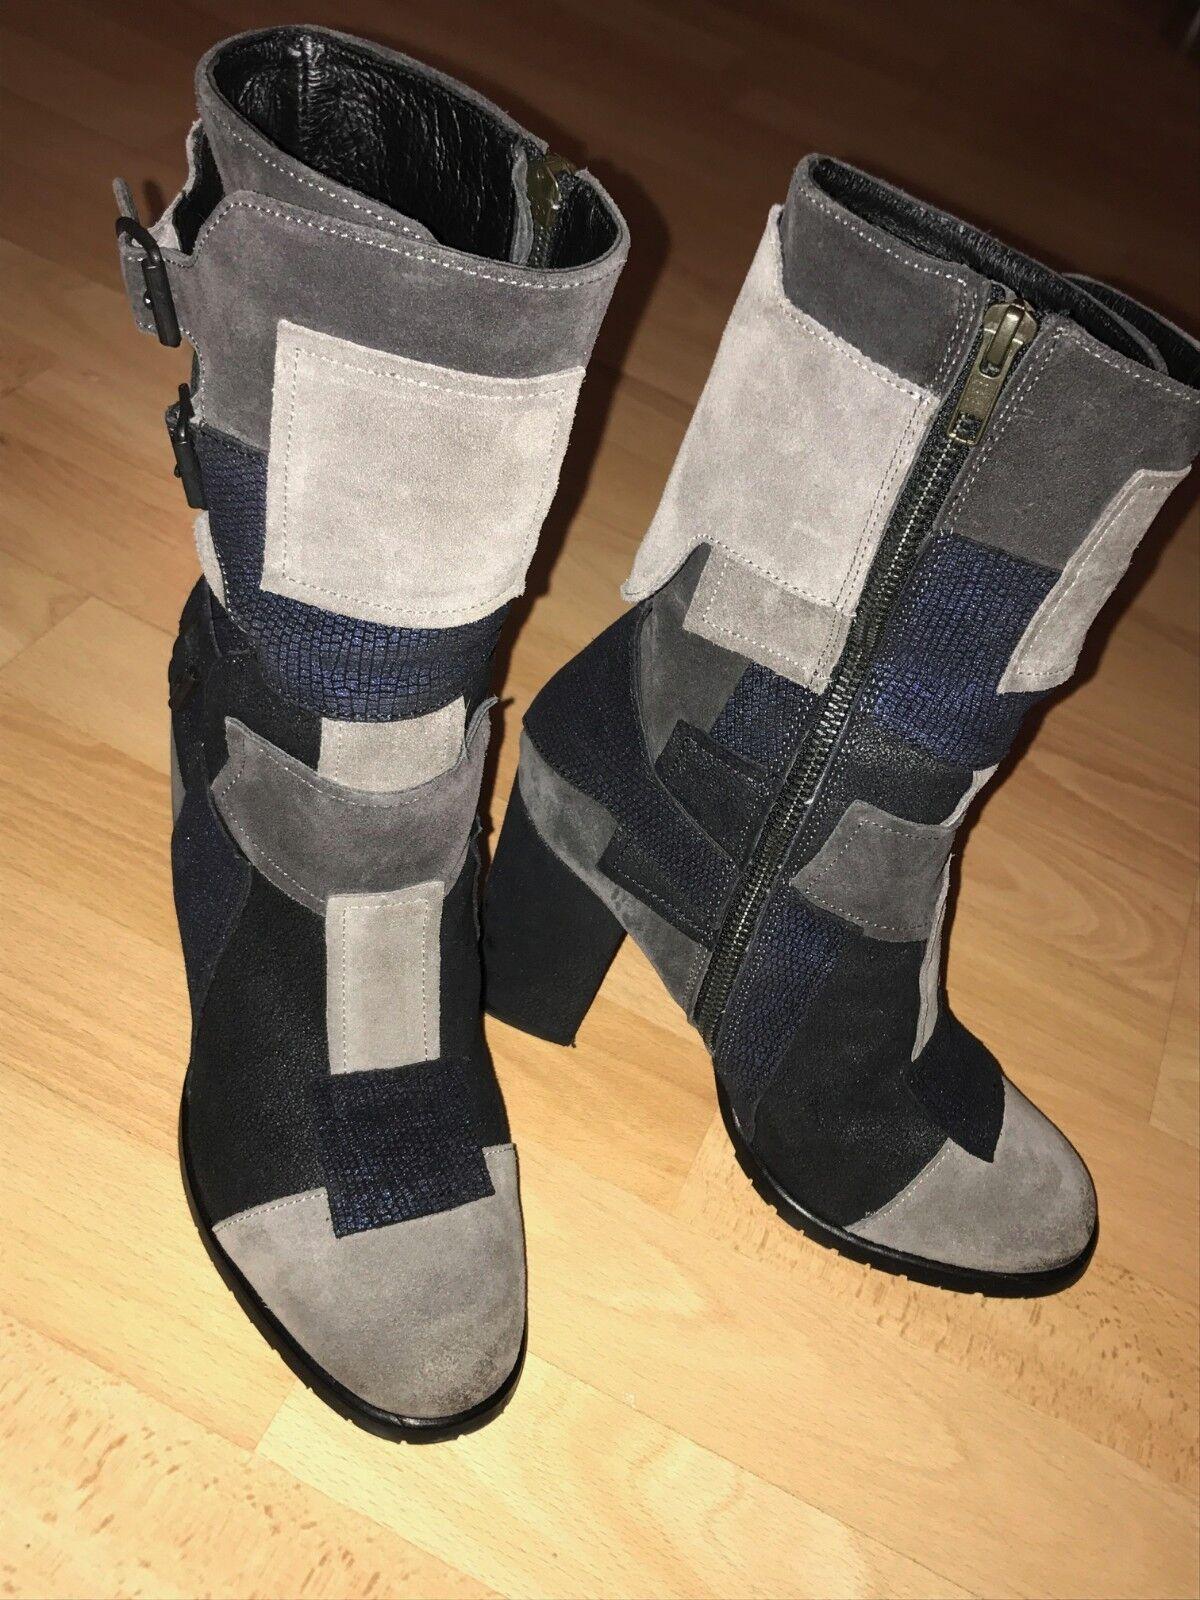 Fornarina Schuhe  Gr 37  wie neu!